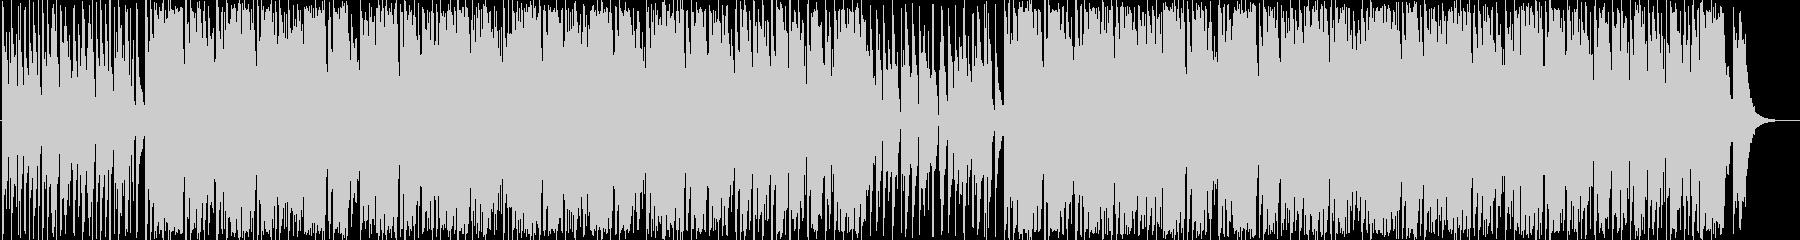 スパイ・ミッション・コミカルBGMの未再生の波形